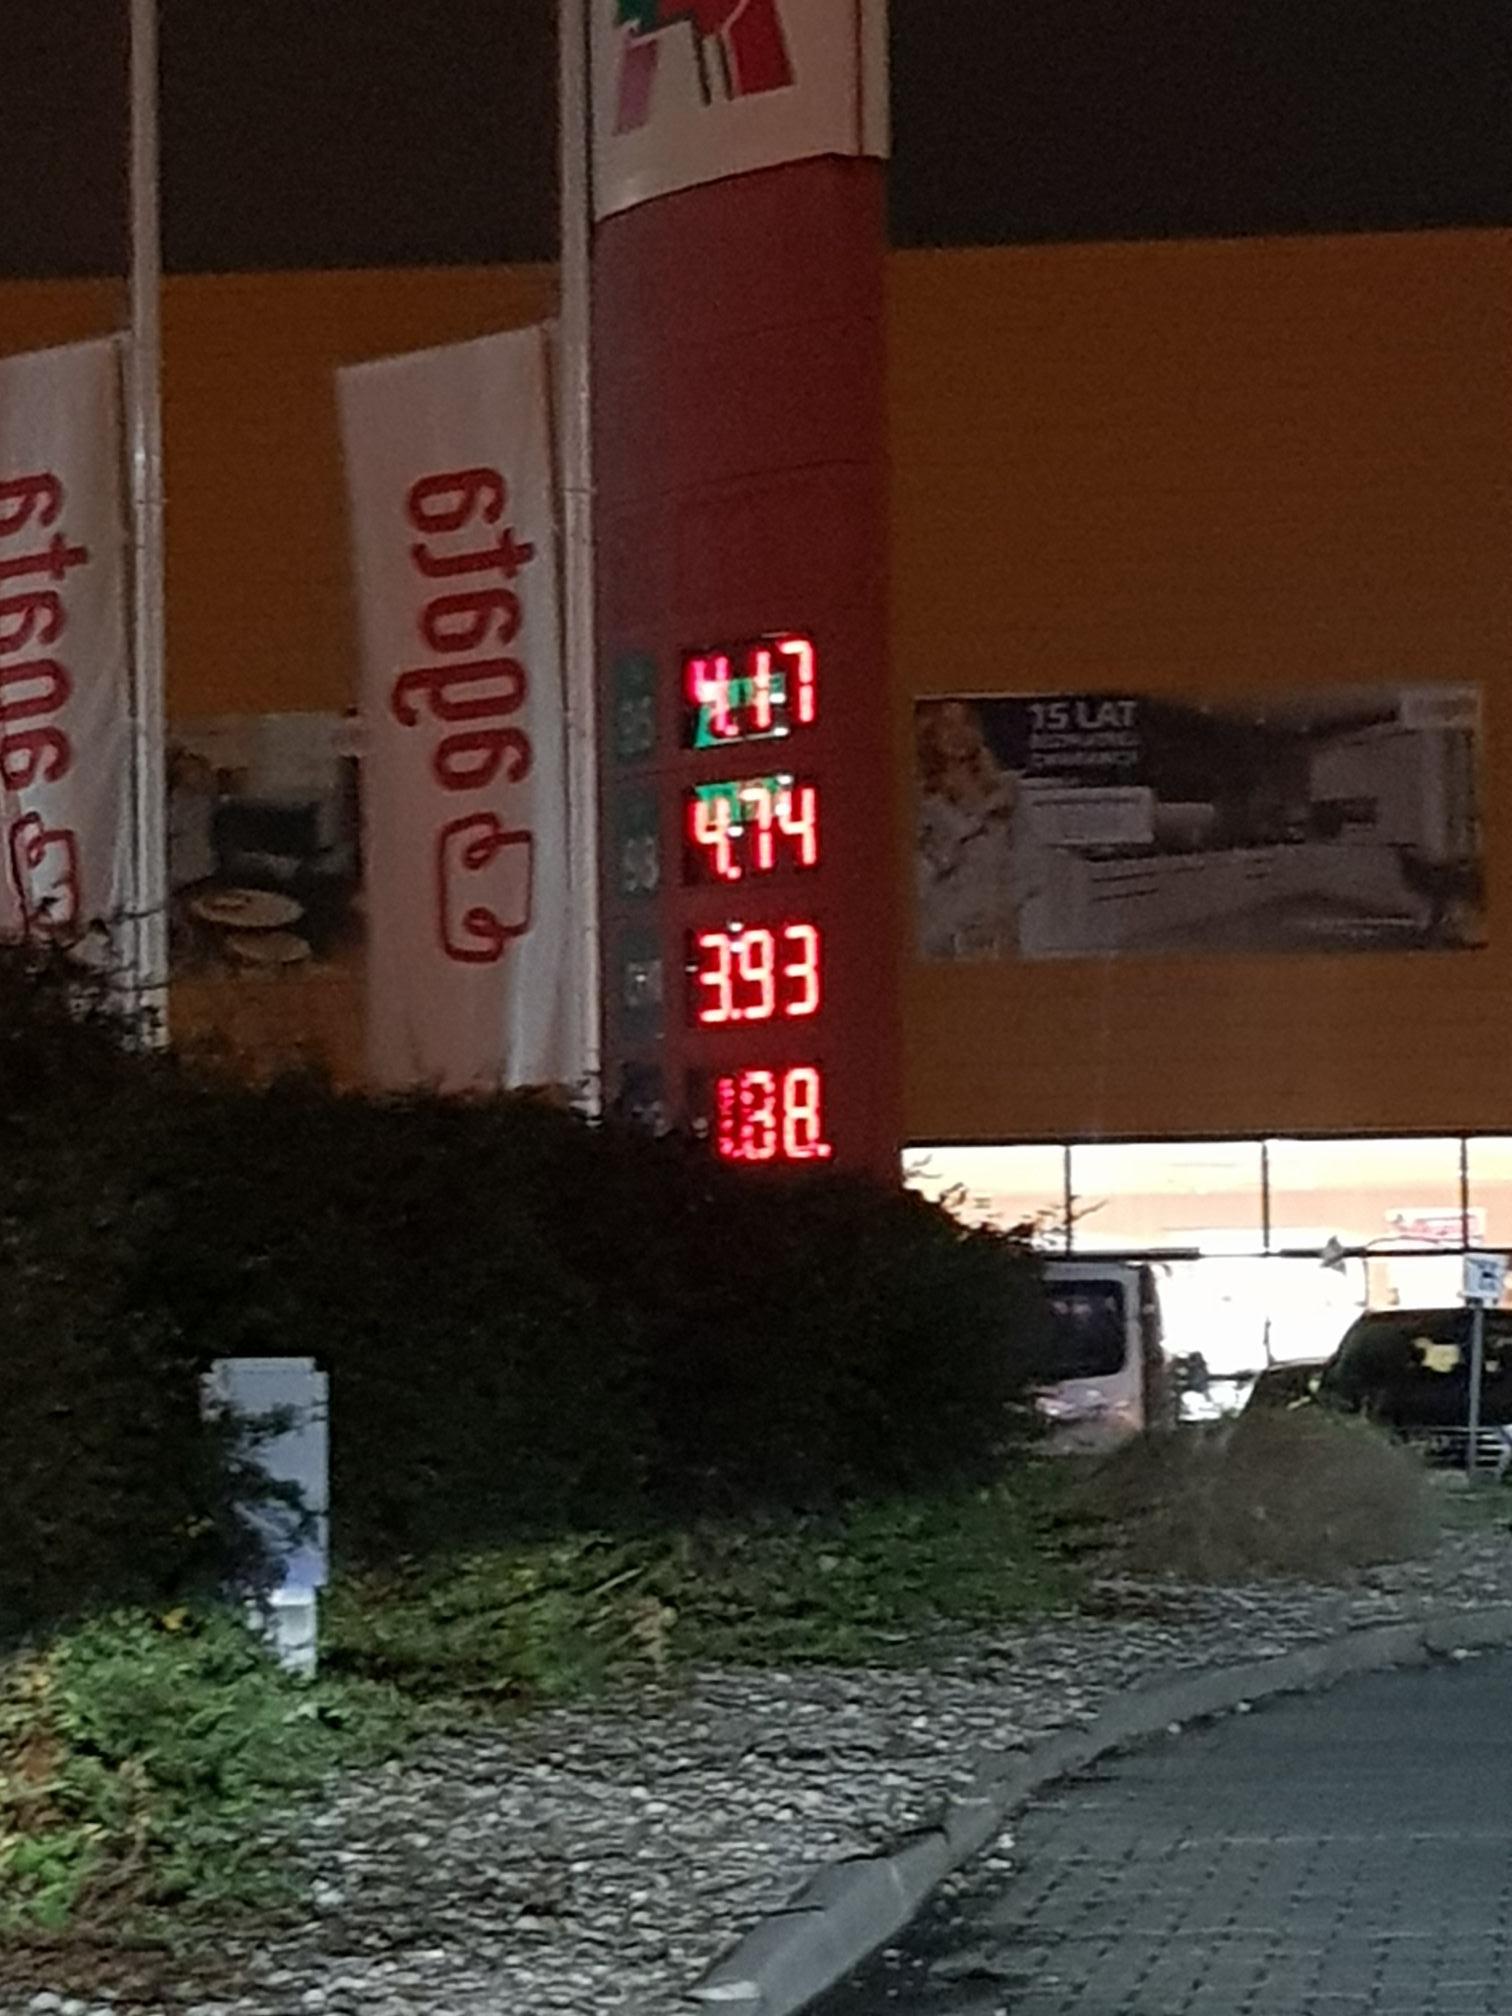 Diesel 3.93 litr @ Auchan